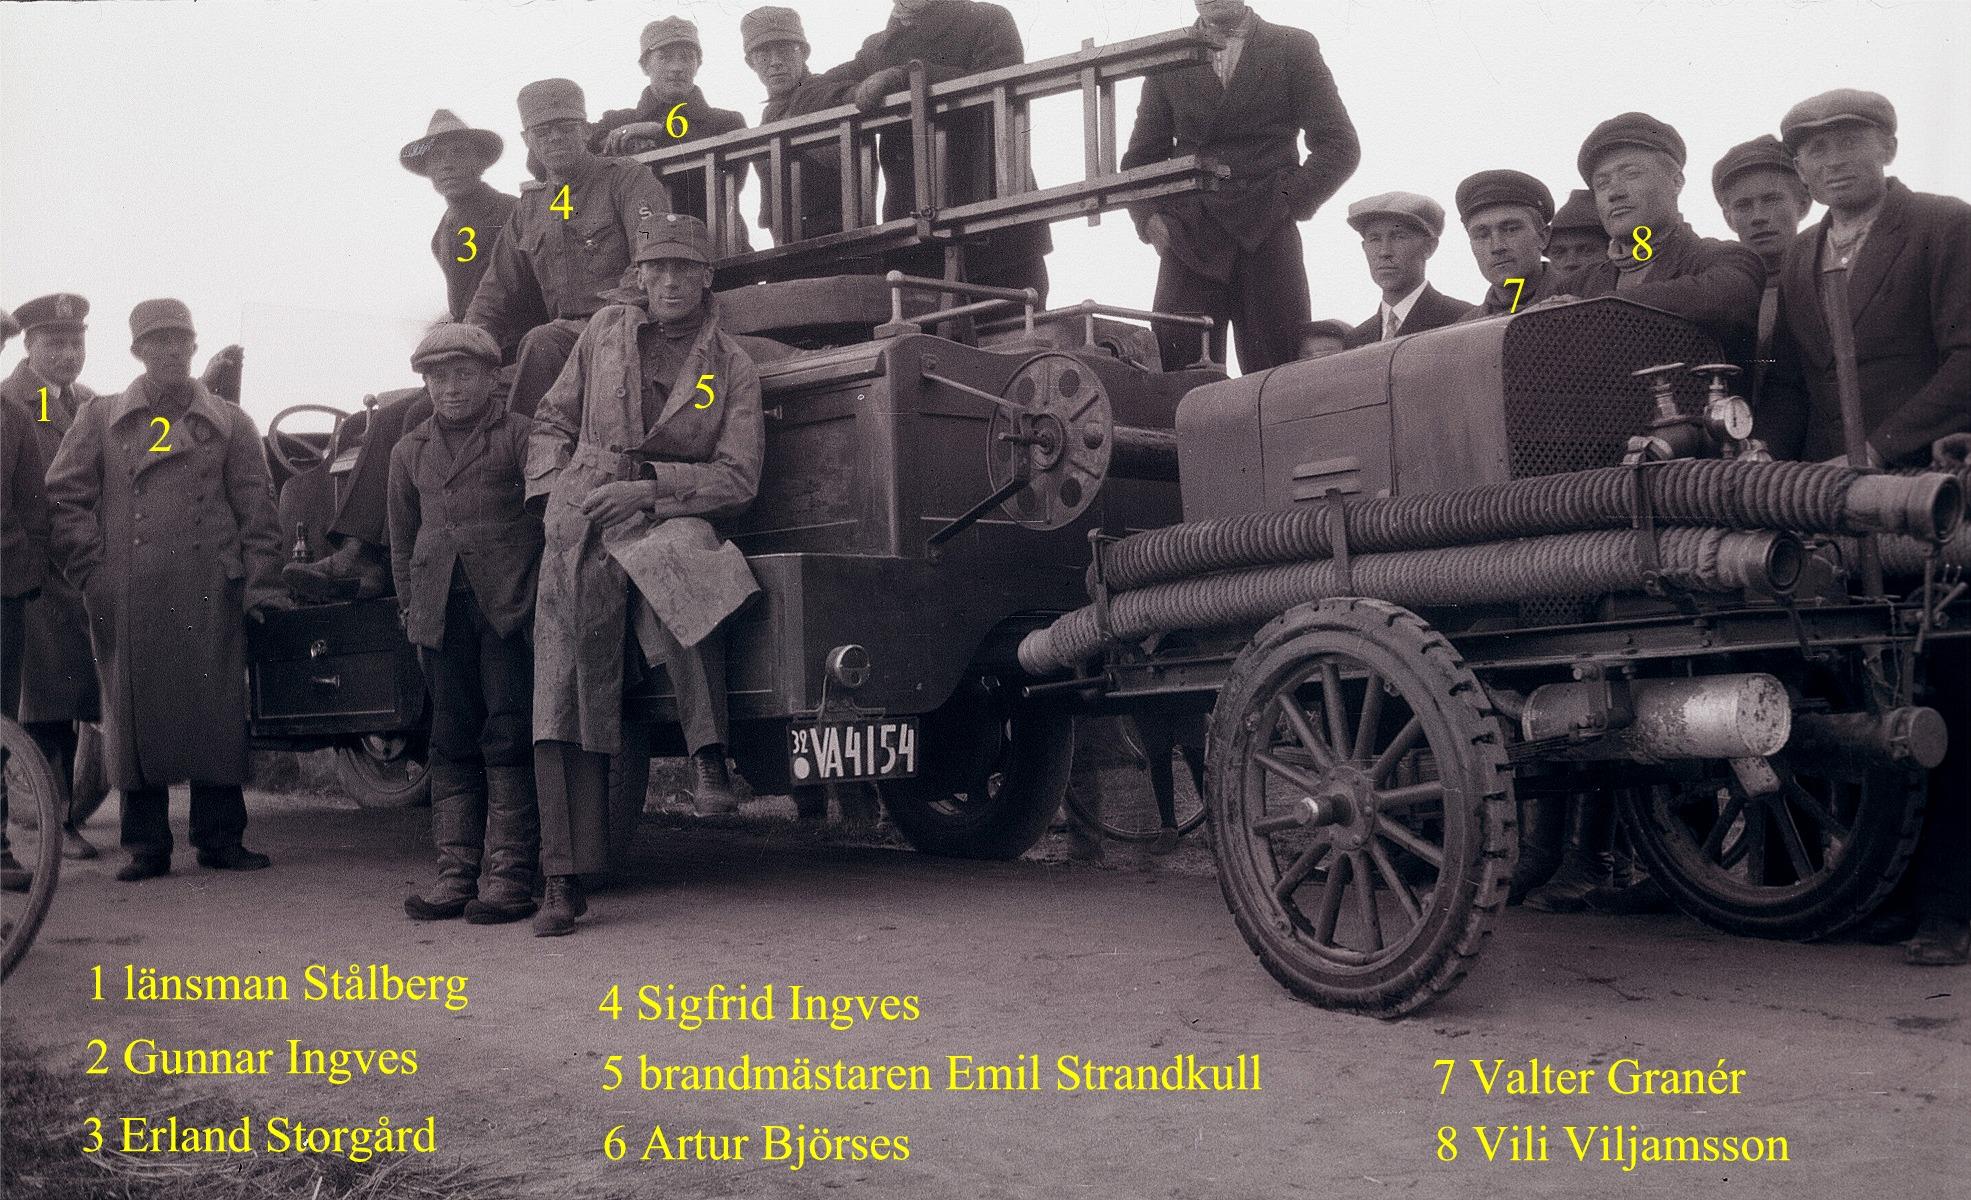 År 1928 var denna brandbil och brandspruta bland det modernaste som fanns.